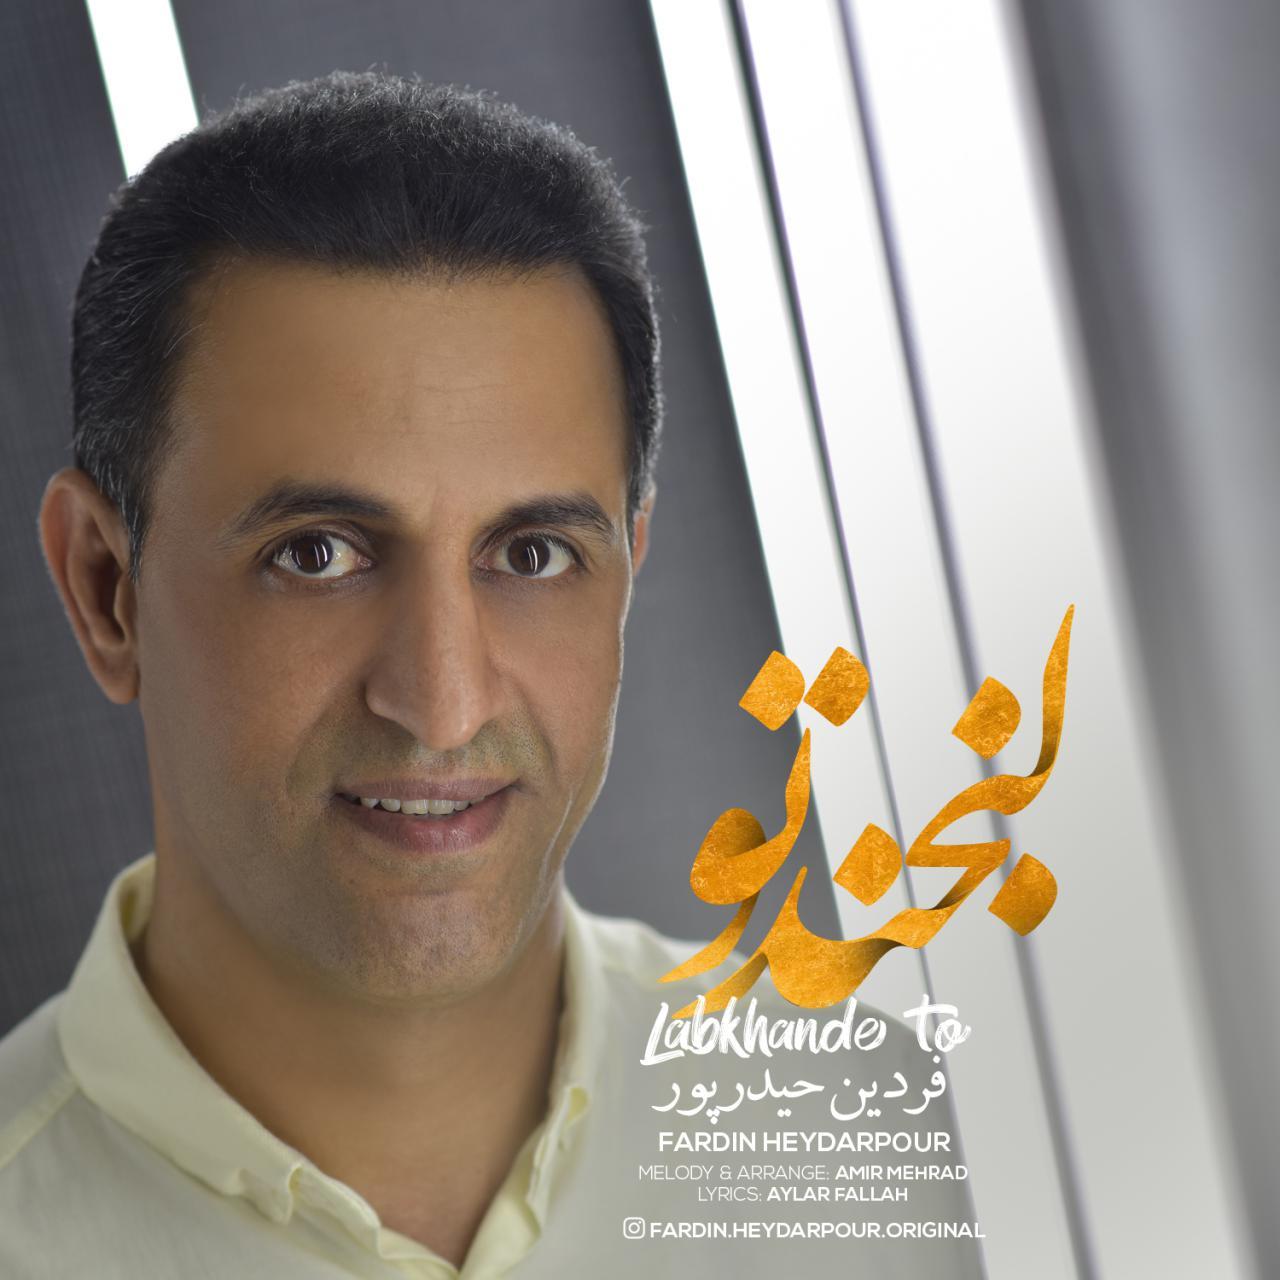 Fardin Heydarpour – Labkhande To